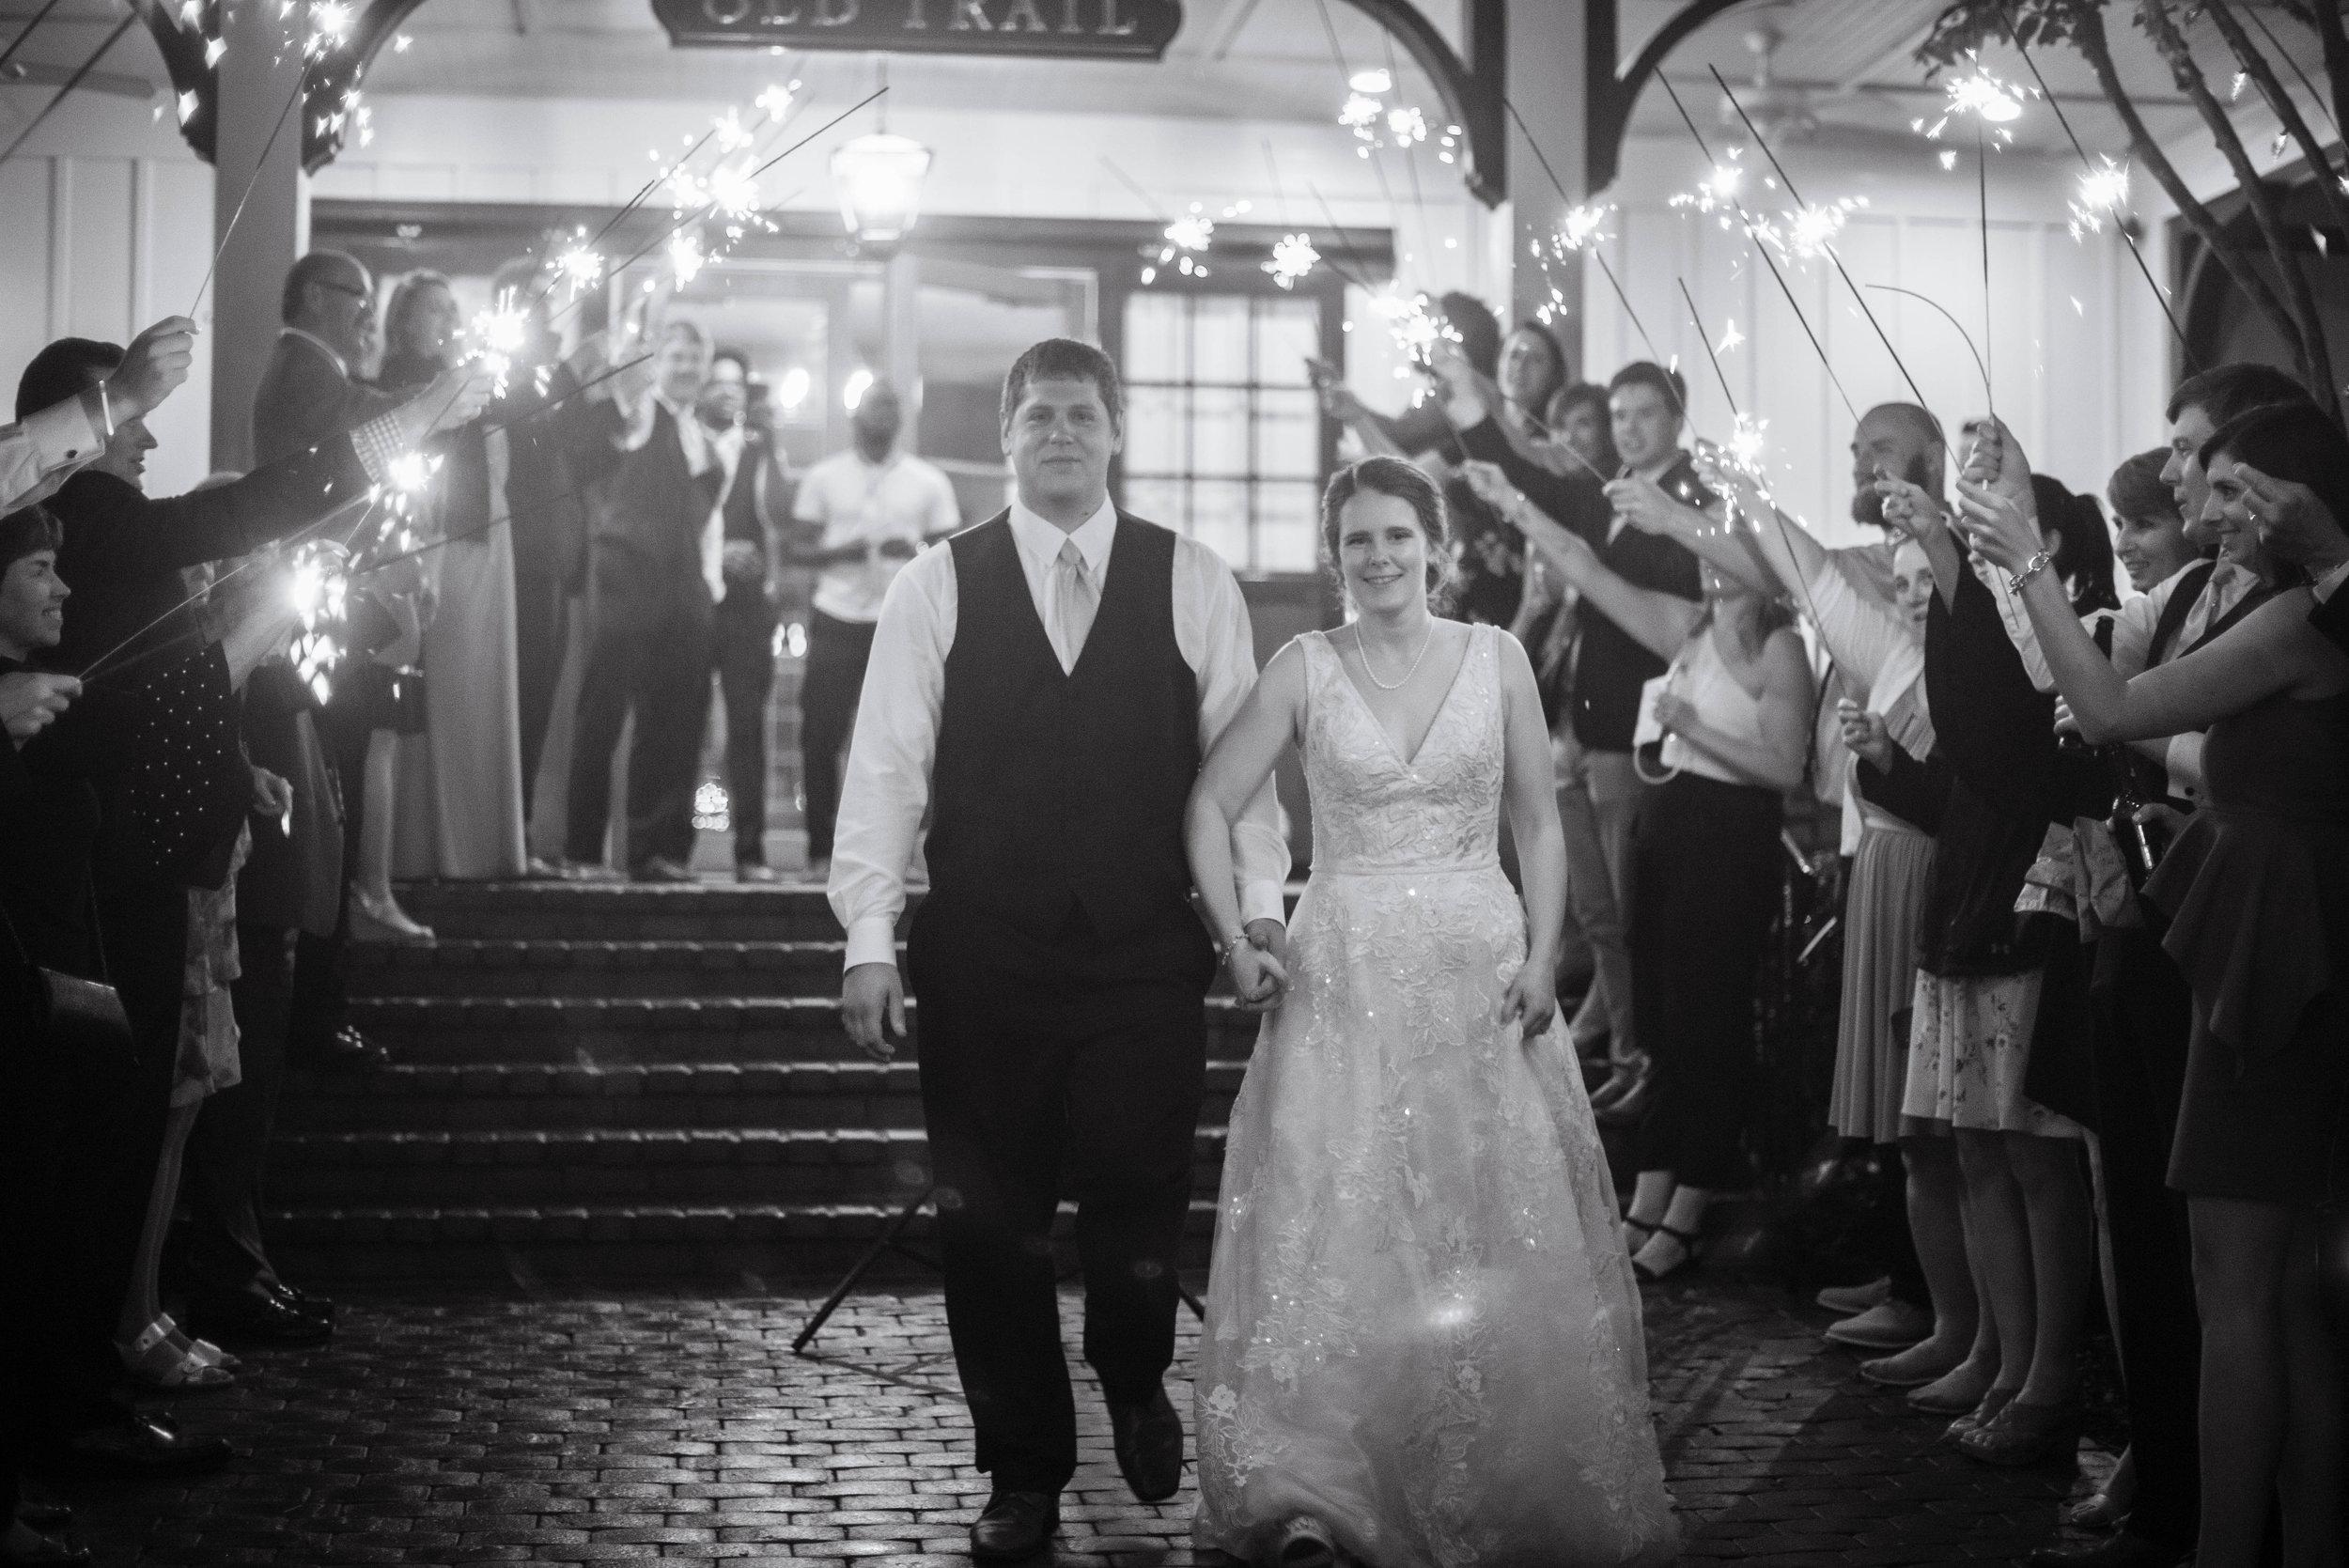 blue-ridge-wedding-ashley-nicole-photography-restoration-hall-crozetphotography-restorationhall-charlottesville-wedding_reception-144.jpg